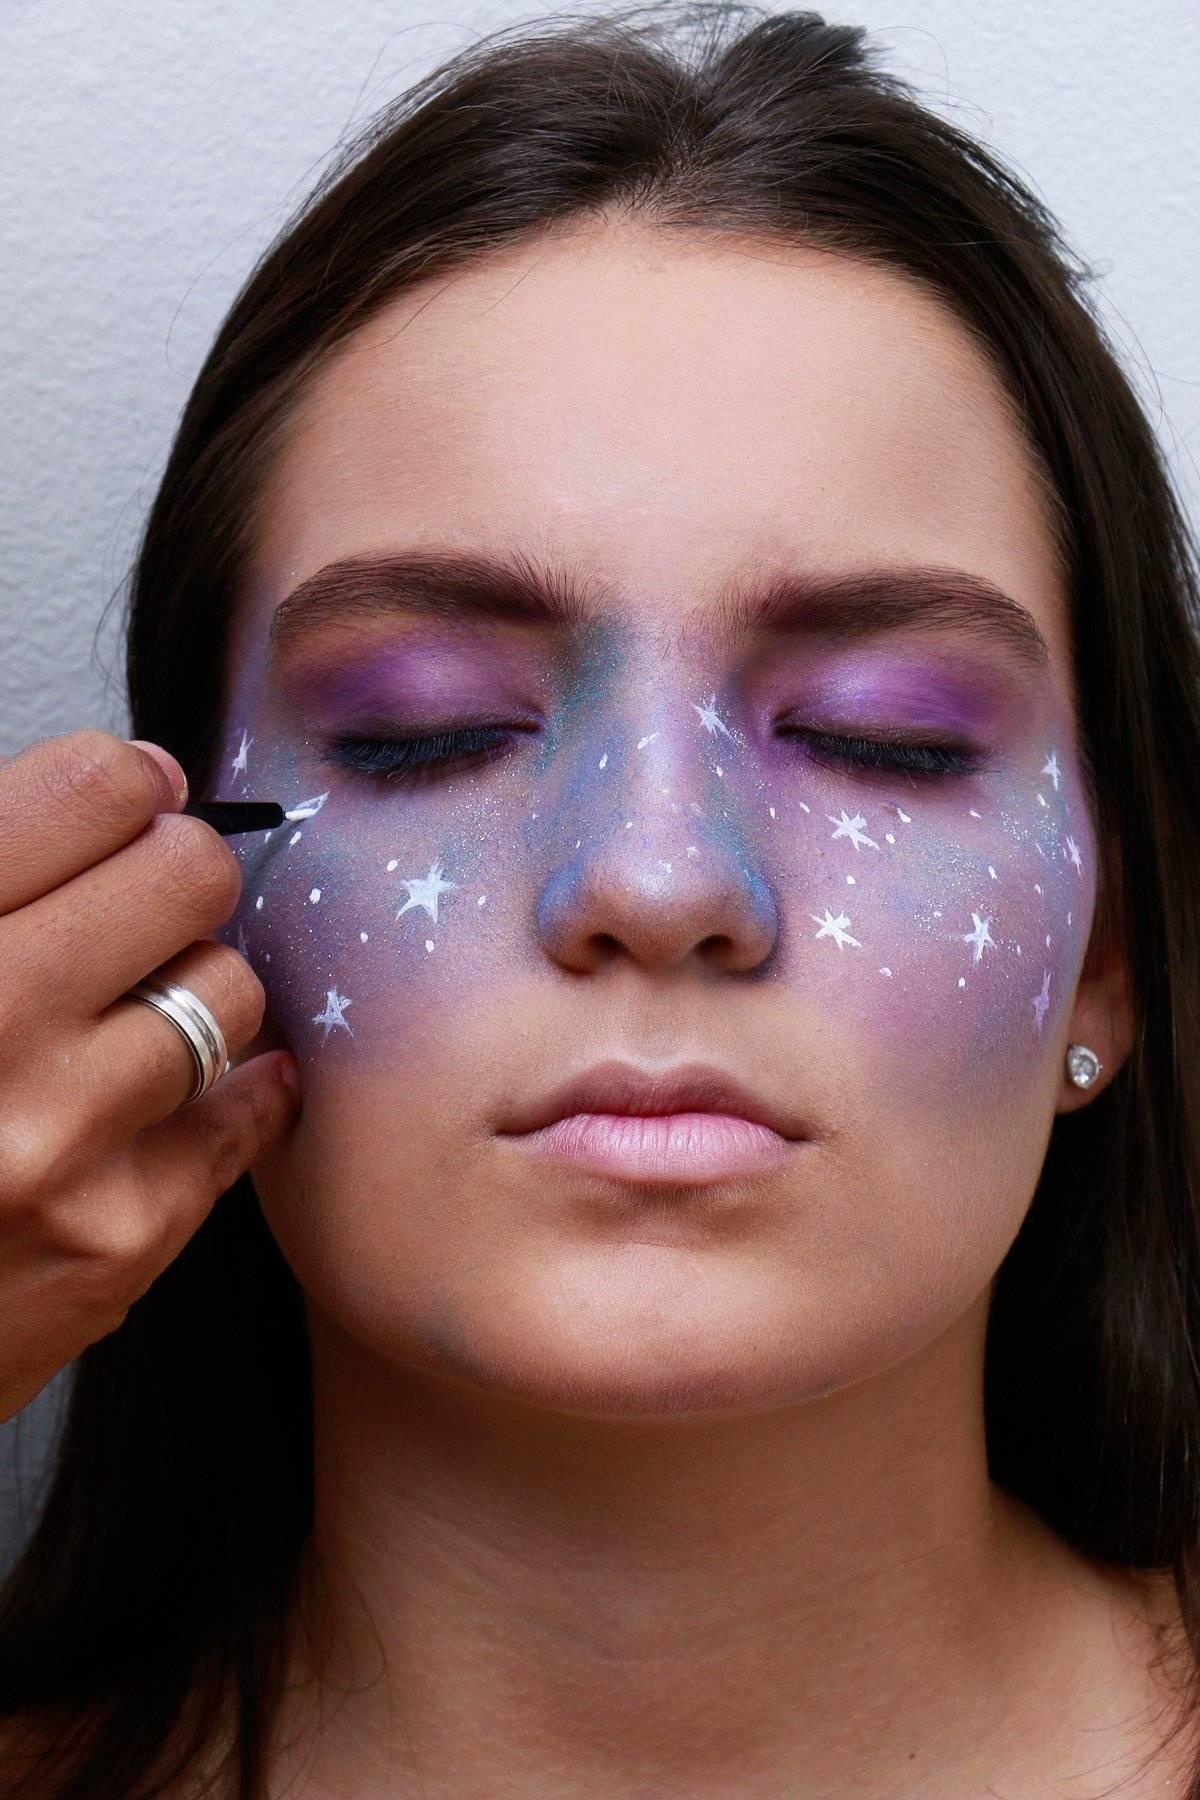 Com tinta branca, faça pontinhos e estrelas no rosto